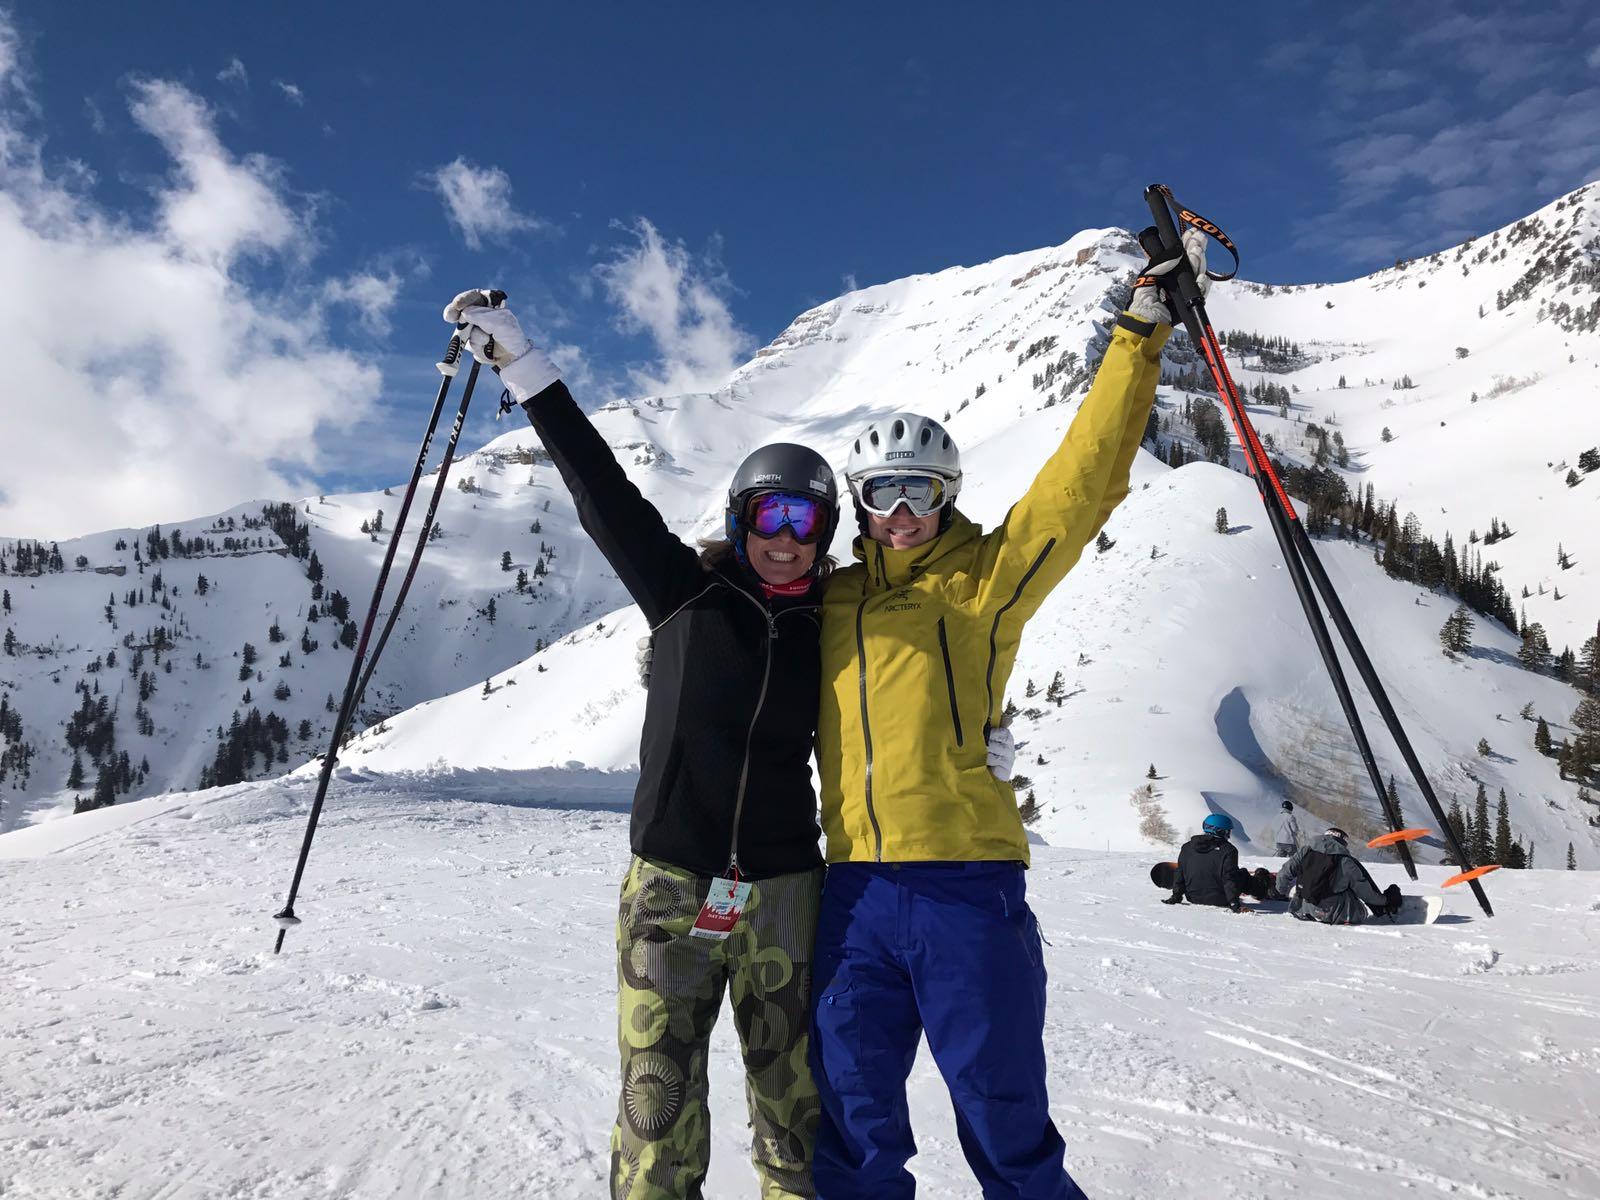 Het prachtige ski dorp Sundance in Utah is de thuisbasis van de Amerikaanse acteur Robert Redford